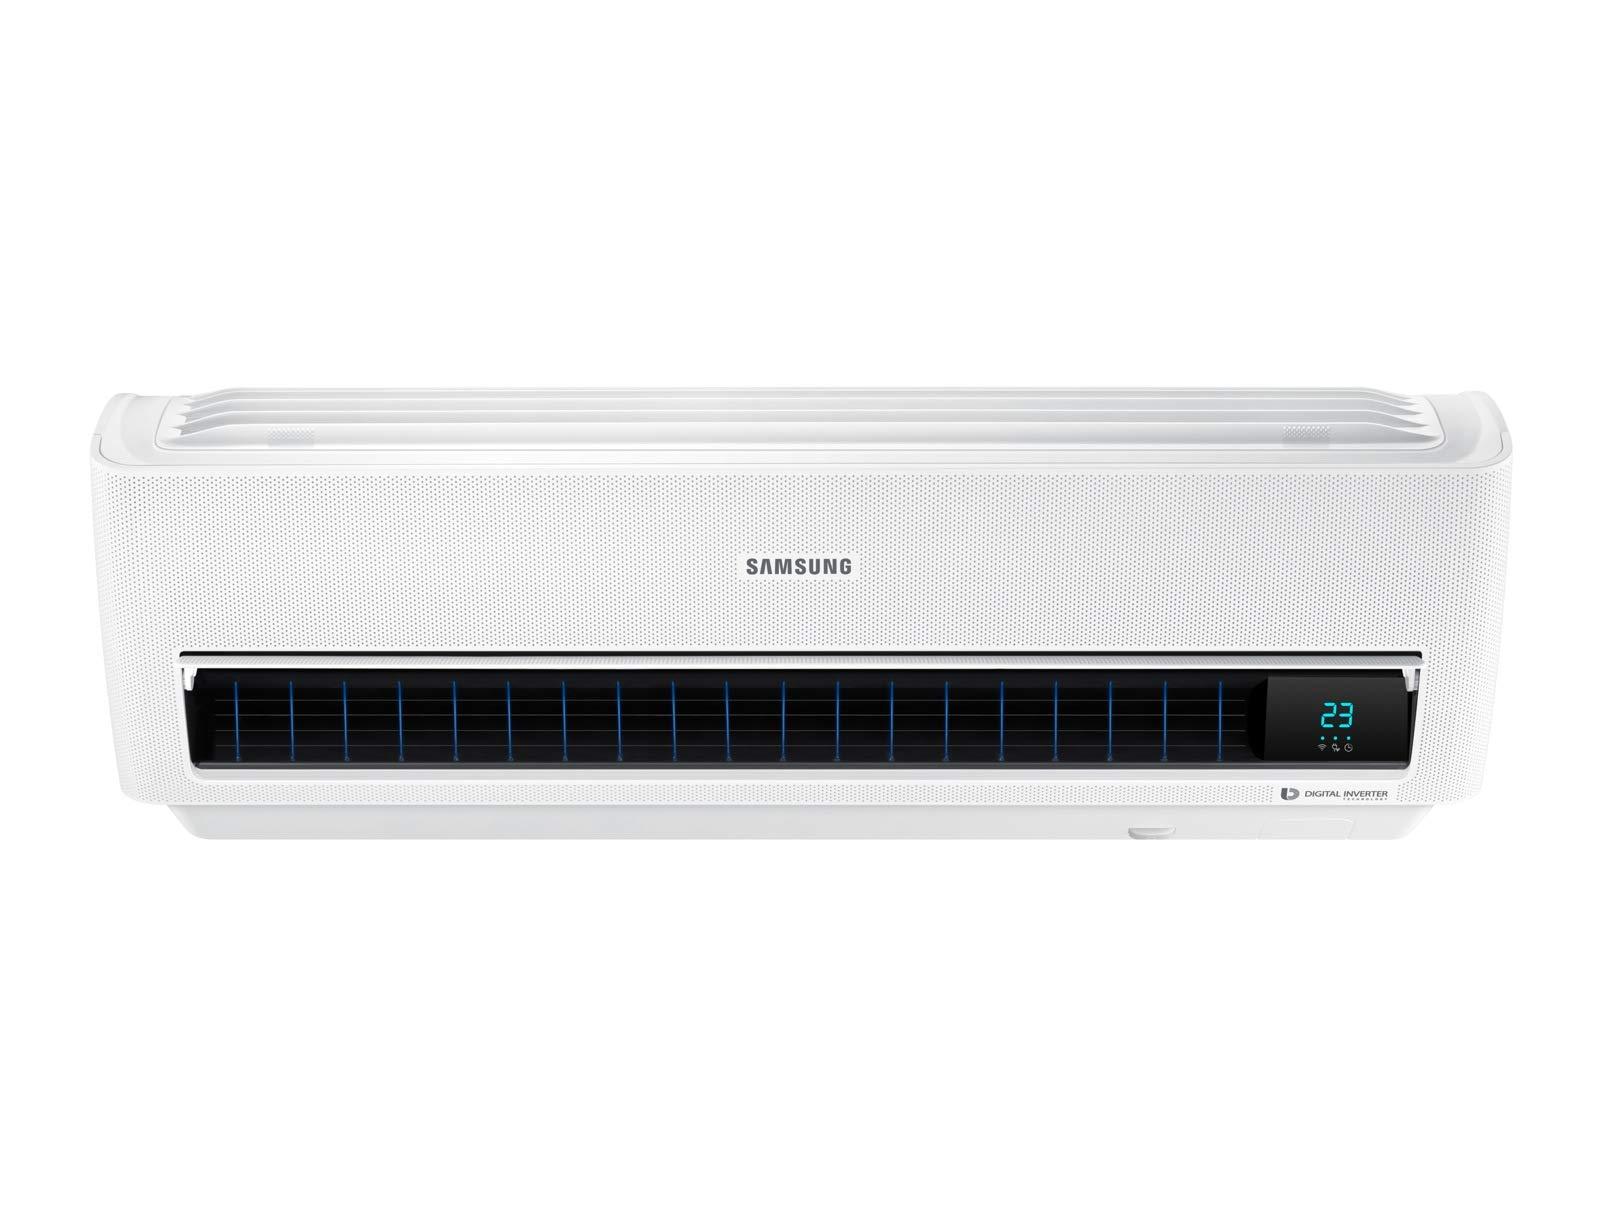 Samsung AR18NSWXCWKNEU - Unidad Interior de climatización, compatible FJM, Serie Wind-Free Light, Frio 5,0 kW, Calor 6,0 kW WIFI, A++/A, Refrigerante R410A: Amazon.es: Bricolaje y herramientas